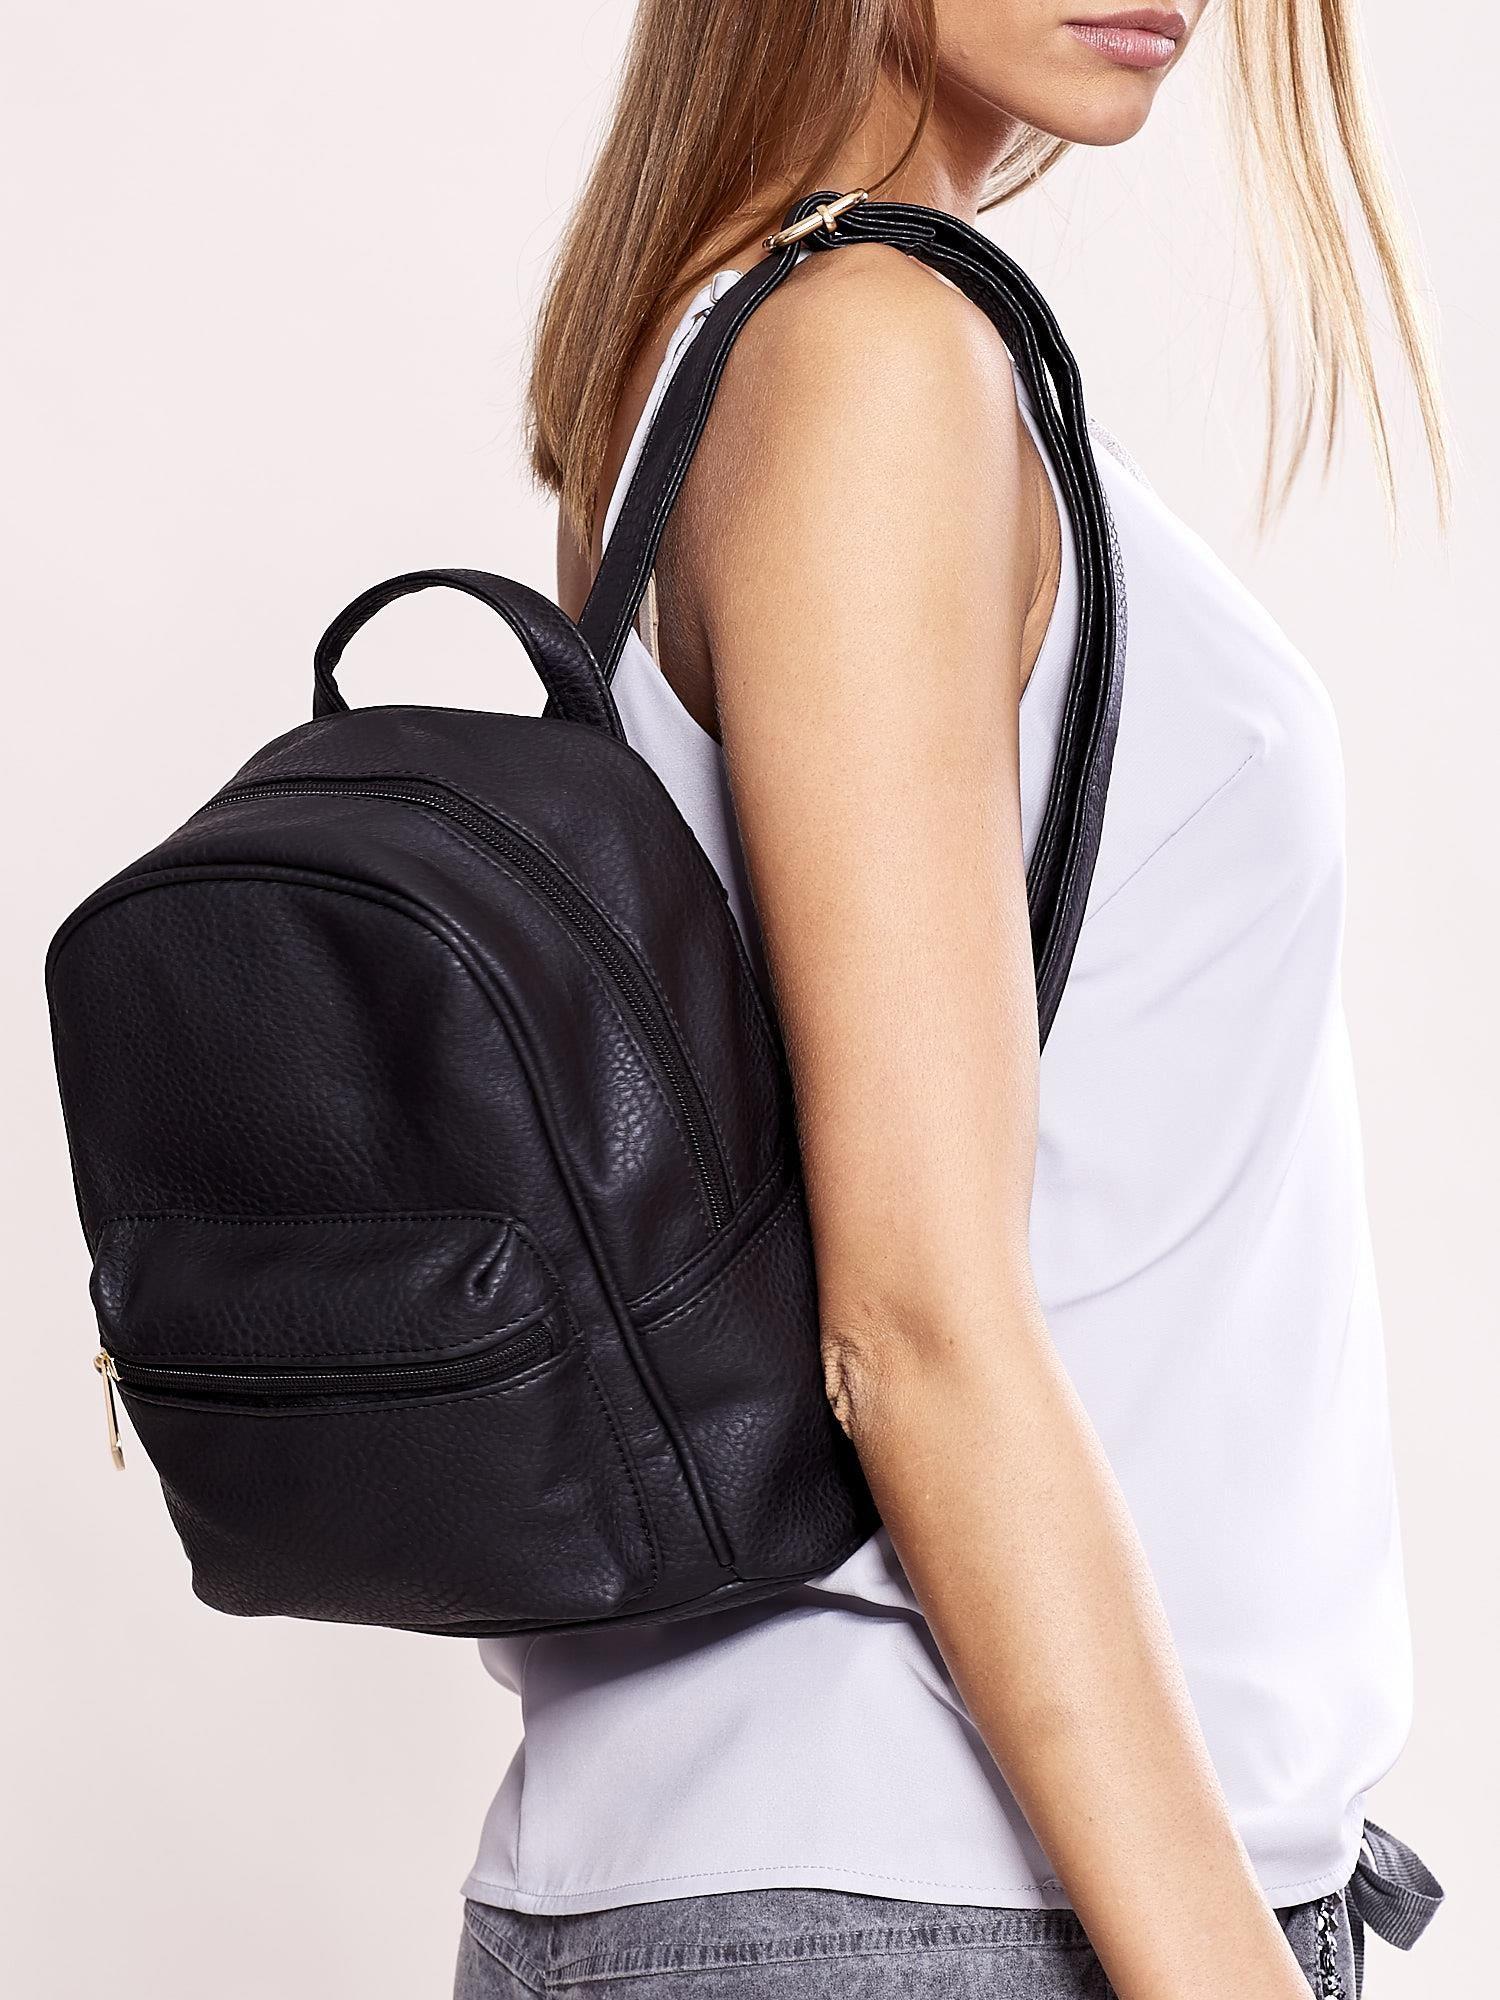 2ac422bd14fa7 Plecak damski czarny ze skóry ekologicznej - Akcesoria plecaki ...